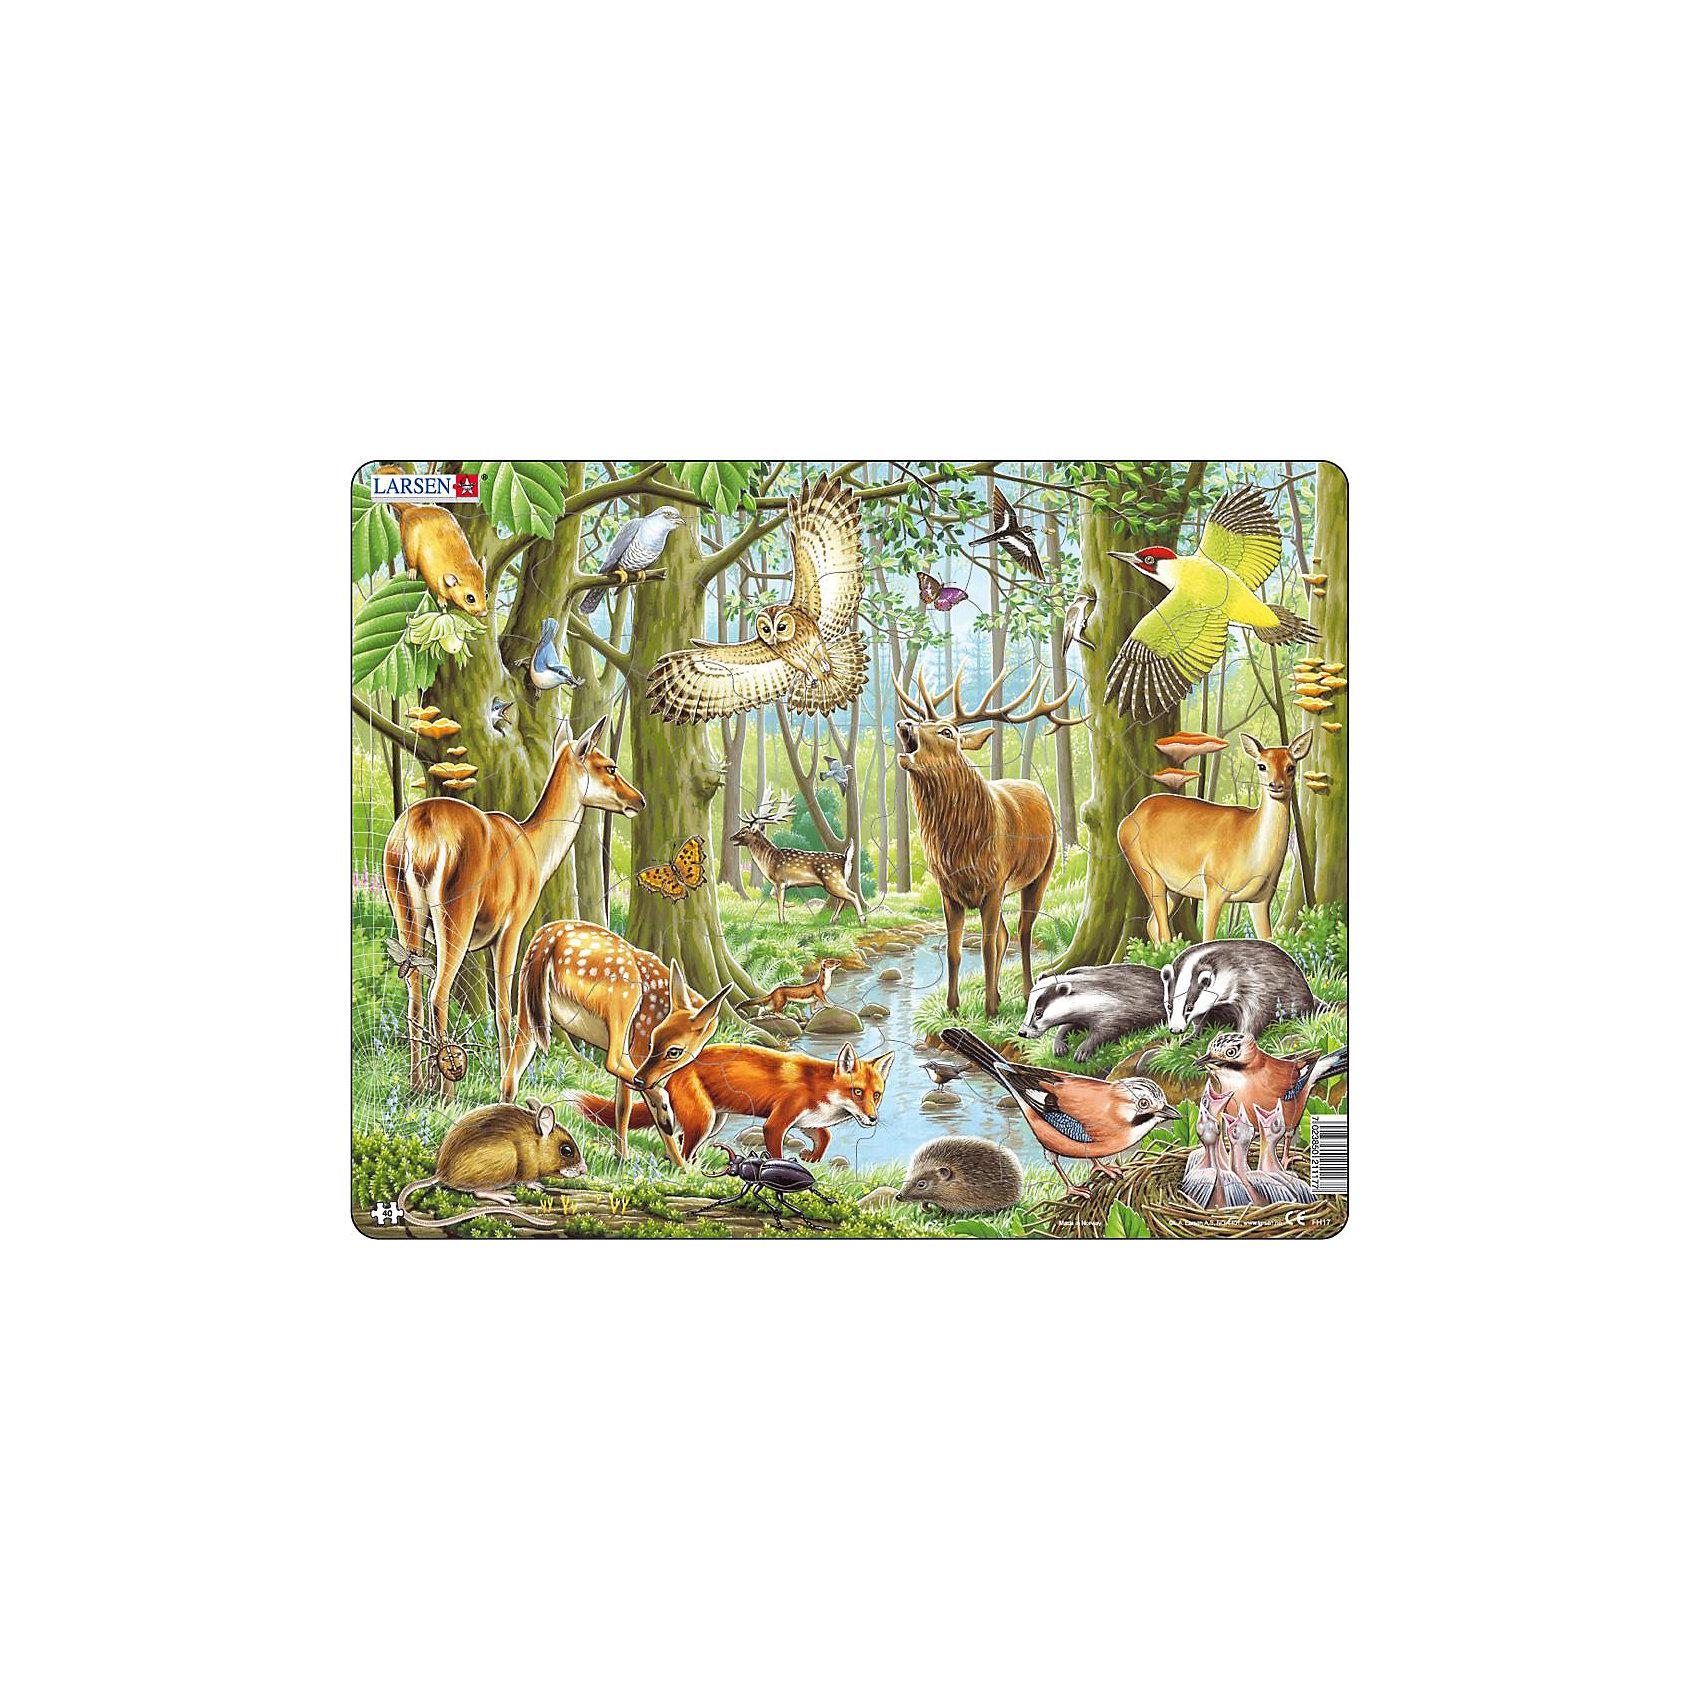 Пазл Европейский лес, 40 деталей, LarsenПазл Европейский лес, 40 деталей, Larsen (Ларсен) – это высококачественный обучающий пазл-рамка.<br>Яркий красивый пазл-рамка Европейский лес – это пазл на котором с фотографической точностью прорисованы обитатели и растительный мир леса. Пазл имеет специальную рамку с подложкой, на которой выдавлены контуры деталей, что облегчит процесс сборки. Детали пазла изготовлены из высококачественного плотного трехслойного картона. Они не деформируются, хорошо сцепляются друг с другом, не расслаиваются. Рисунок не стирается. Занятия по сборке пазла развивают образное и логическое мышление, пространственное воображение, память, внимание, усидчивость, координацию движений и мелкую моторику.<br><br>Дополнительная информация:<br><br>- Количество деталей: 40<br>- Размер собранной картинки: 36,5х28,5 см.<br>- Материал: плотный трехслойный картон<br>- Размер упаковки: 36,5х0,5х28,5 см.<br><br>Пазл Европейский лес, 40 деталей, Larsen (Ларсен) можно купить в нашем интернет-магазине.<br><br>Ширина мм: 367<br>Глубина мм: 286<br>Высота мм: 10<br>Вес г: 313<br>Возраст от месяцев: 48<br>Возраст до месяцев: 72<br>Пол: Унисекс<br>Возраст: Детский<br>Количество деталей: 40<br>SKU: 1604370